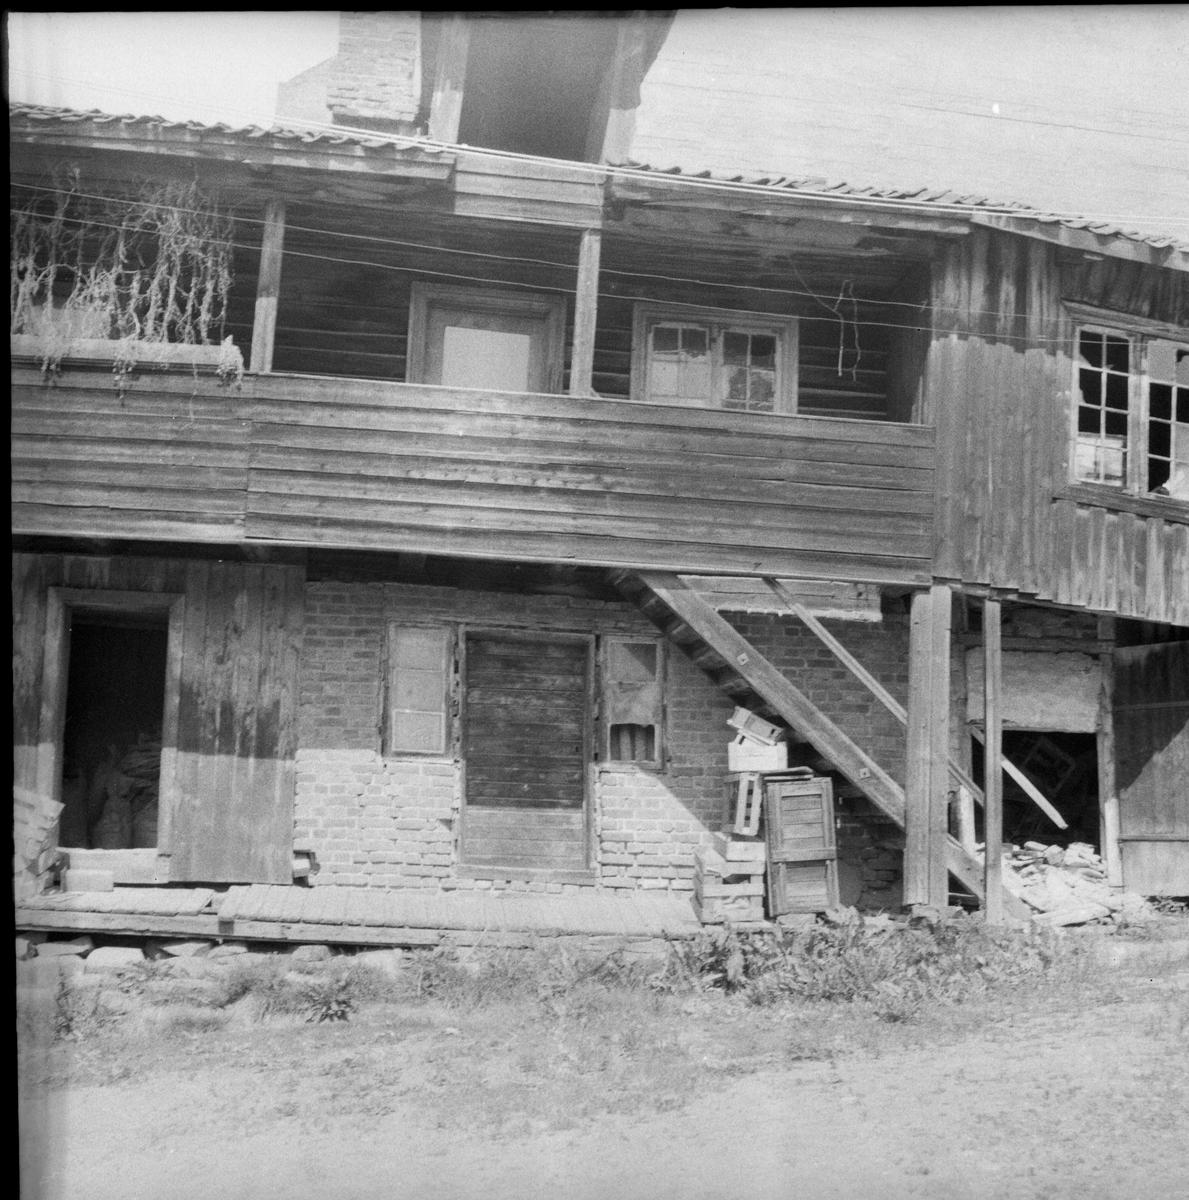 Kvile og lagerbygg, Gundersengården bakgård, like før riving 1956